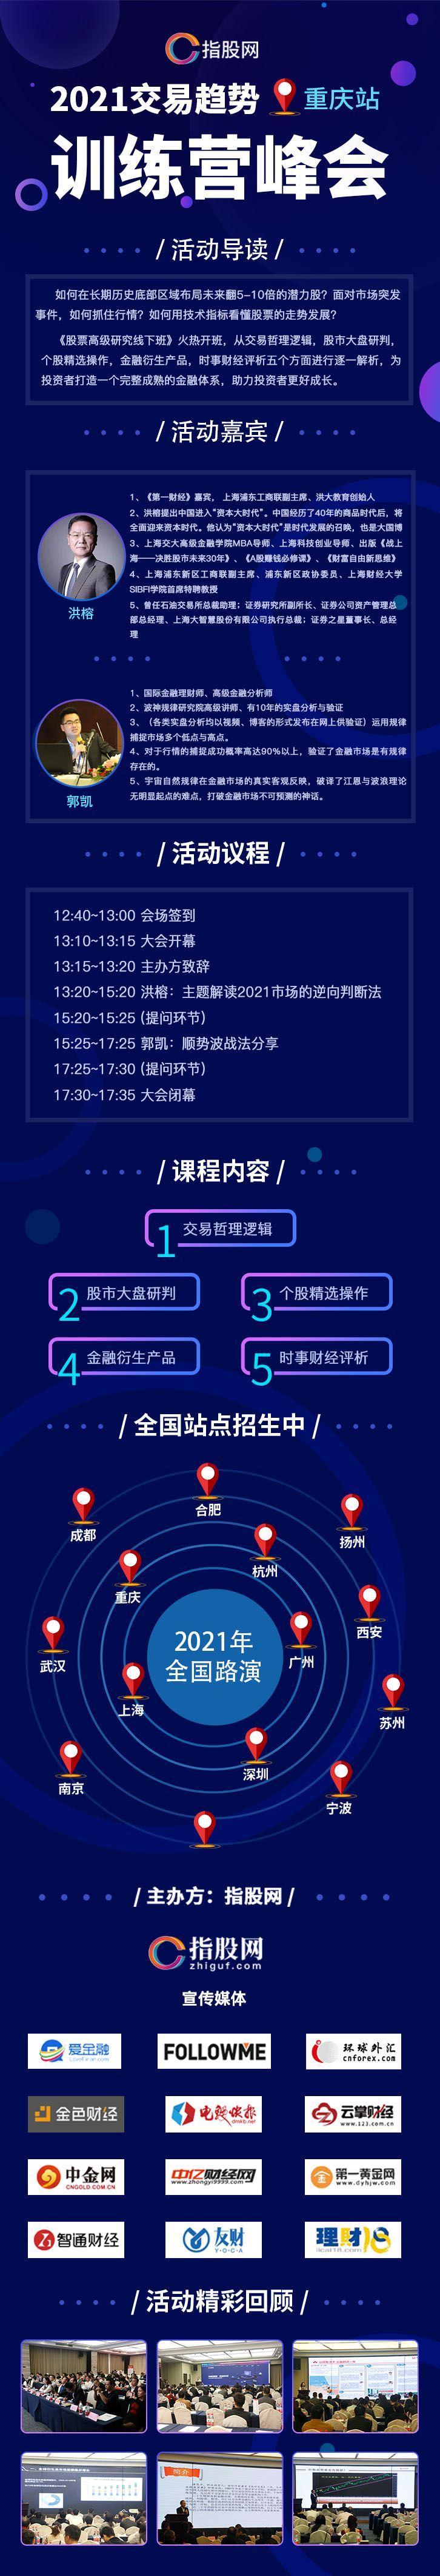 重庆站股票价值投资-无二维码.jpg